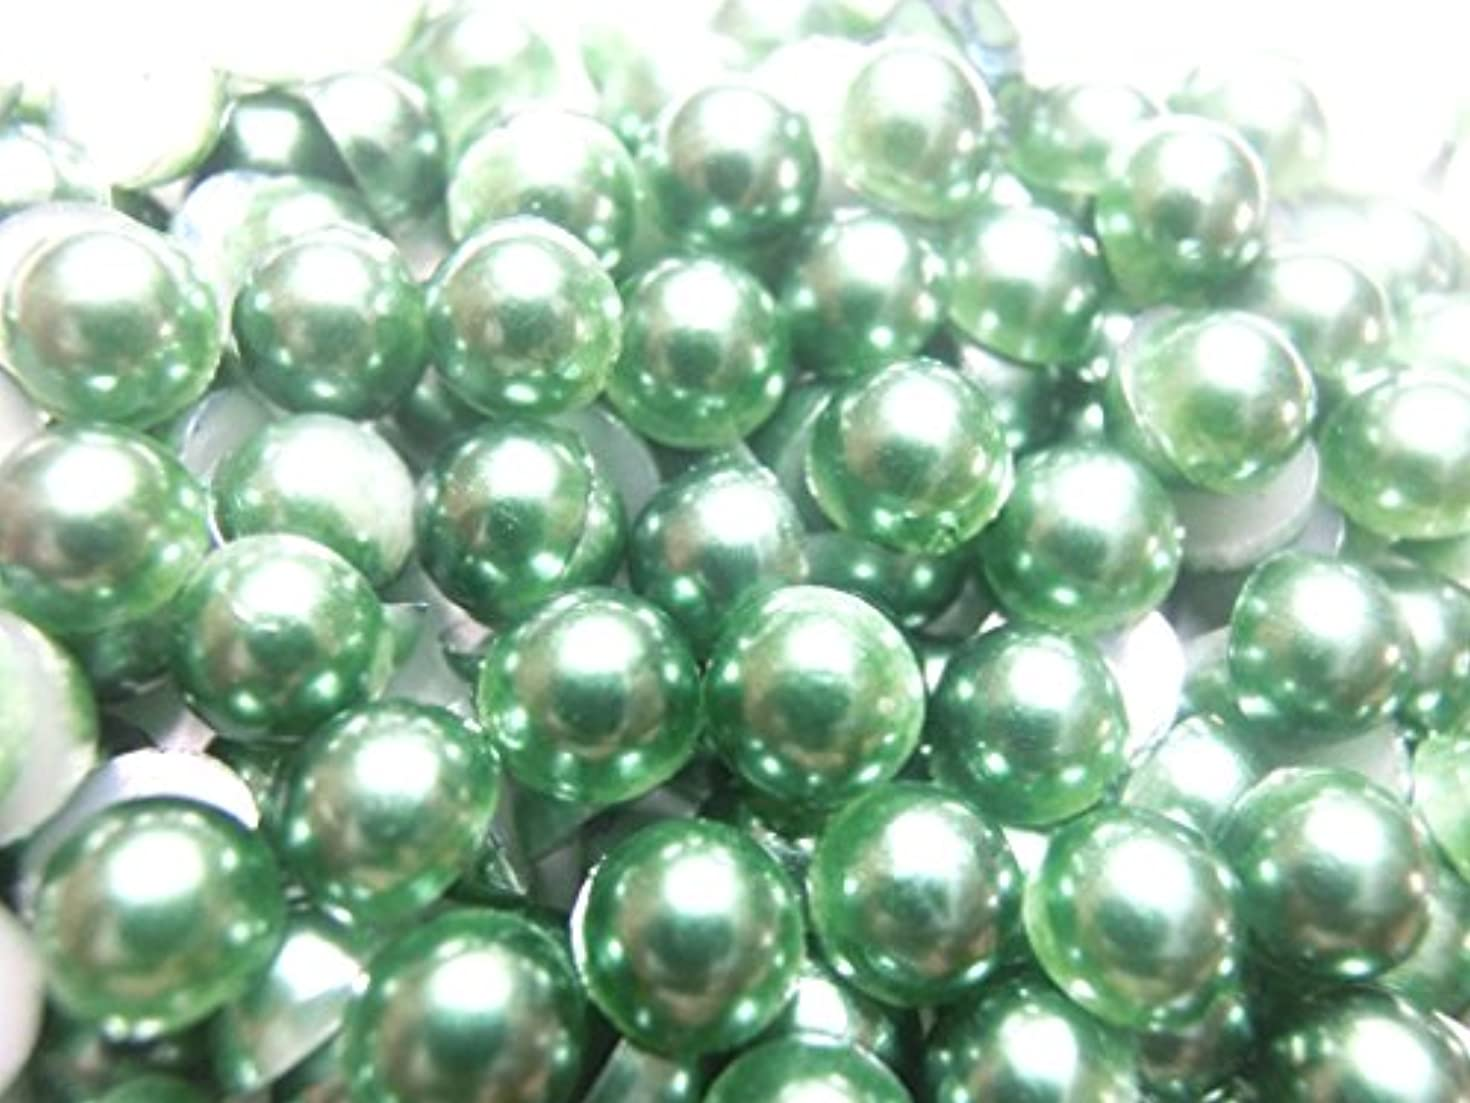 冗長祖母下に向けます【ラインストーン77】超高級 パールストーン 各サイズ選択可能 2mm~8mm 緑 (8mm (約20粒))